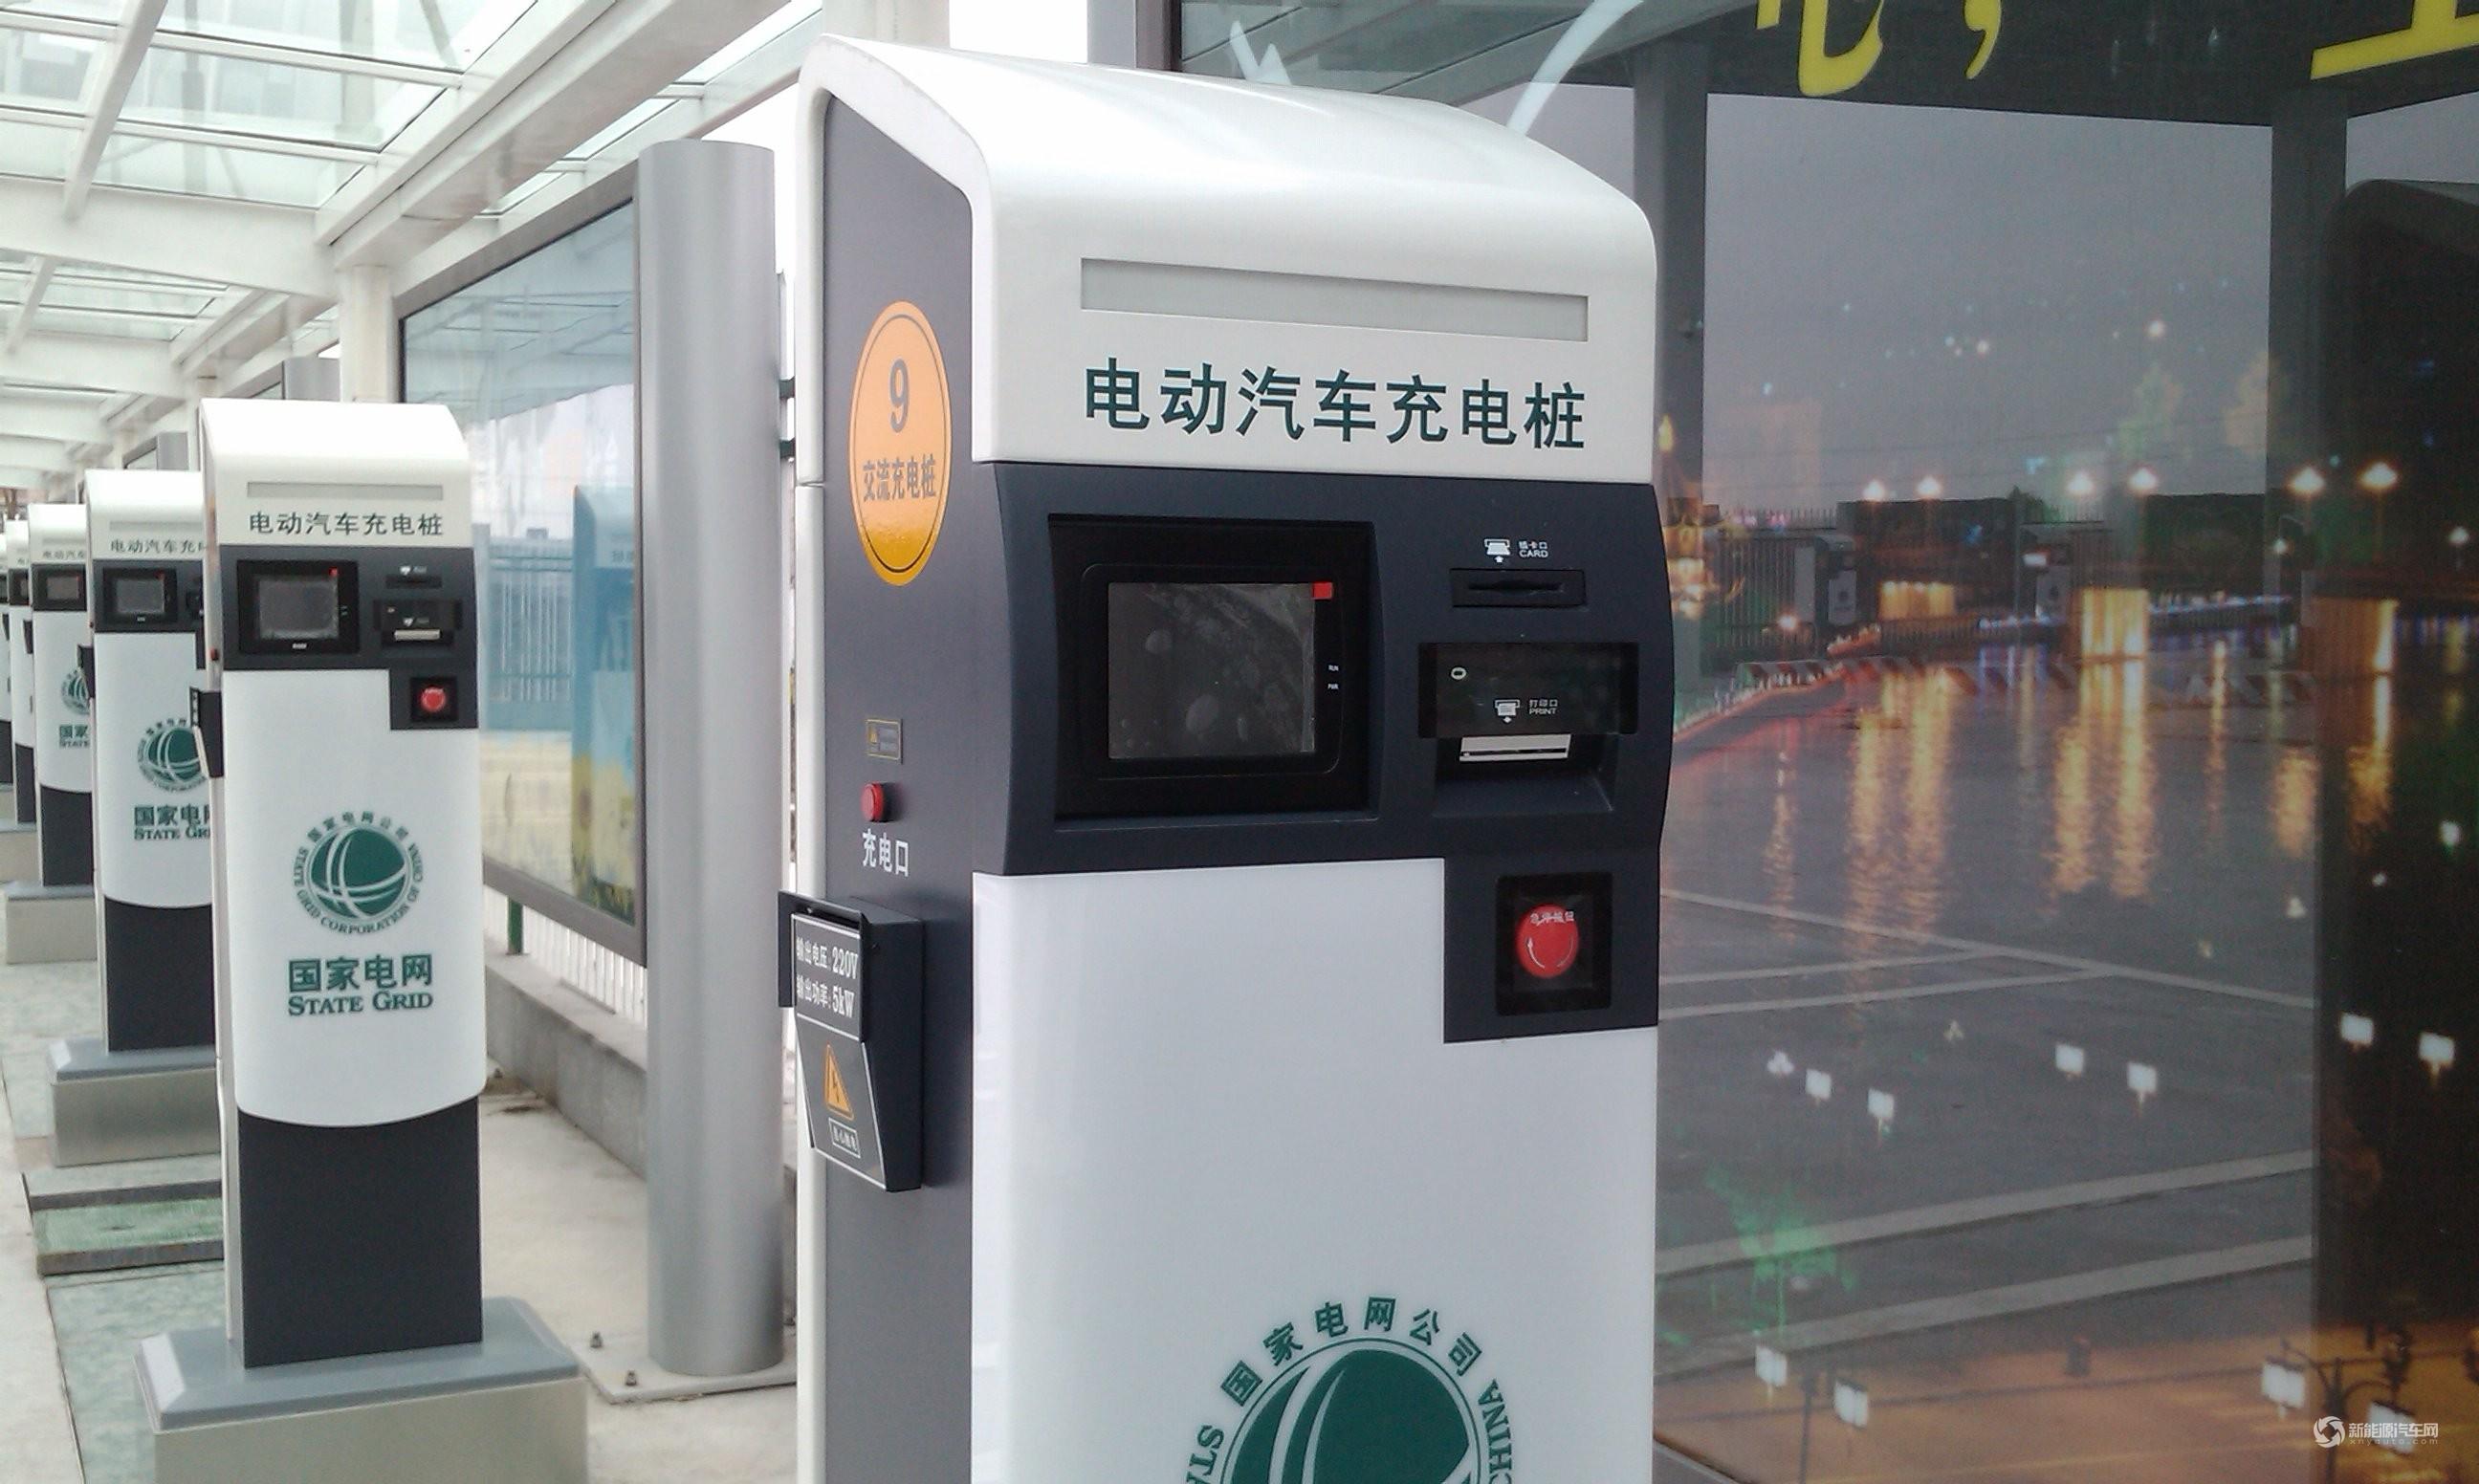 鹽城充電樁申報流程 推薦咨詢「上海冉熠新能源科技供應」